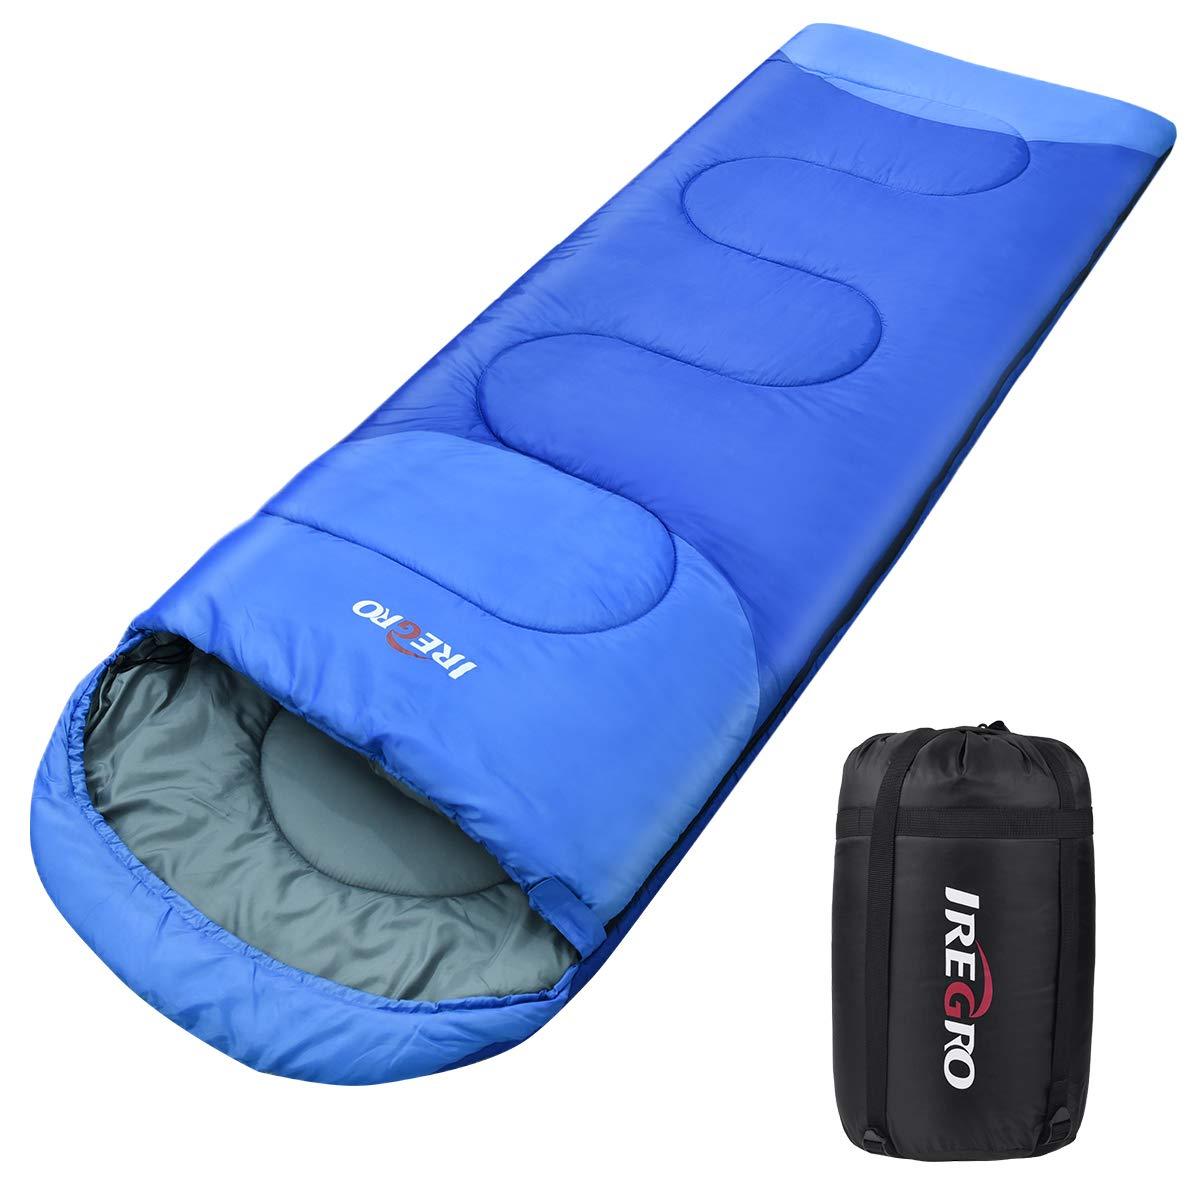 para Viajes Camping 3 Estaciones 5~25℃ BACKTURE Saco de Dormir para Acampar Impermeable con Bolsa de Compresi/ón Senderismo 220x80cm